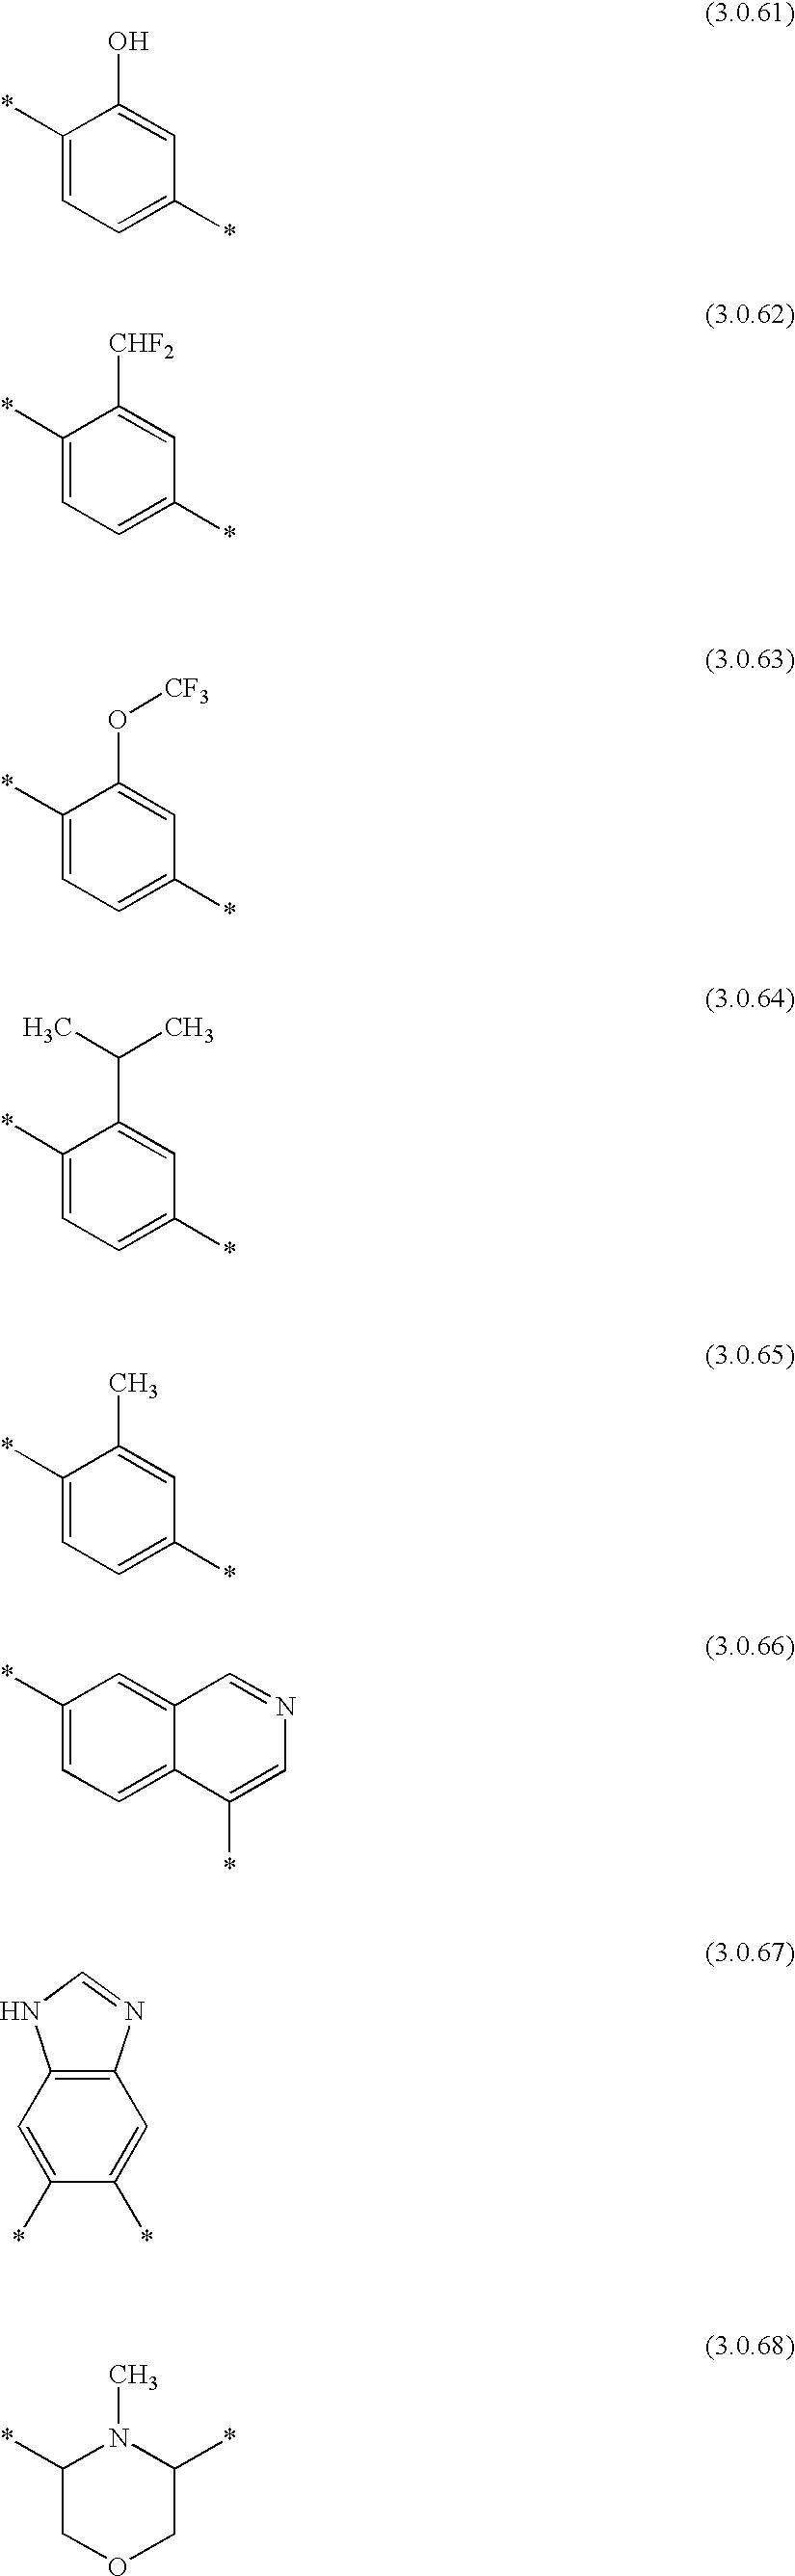 Figure US20030186974A1-20031002-C00131